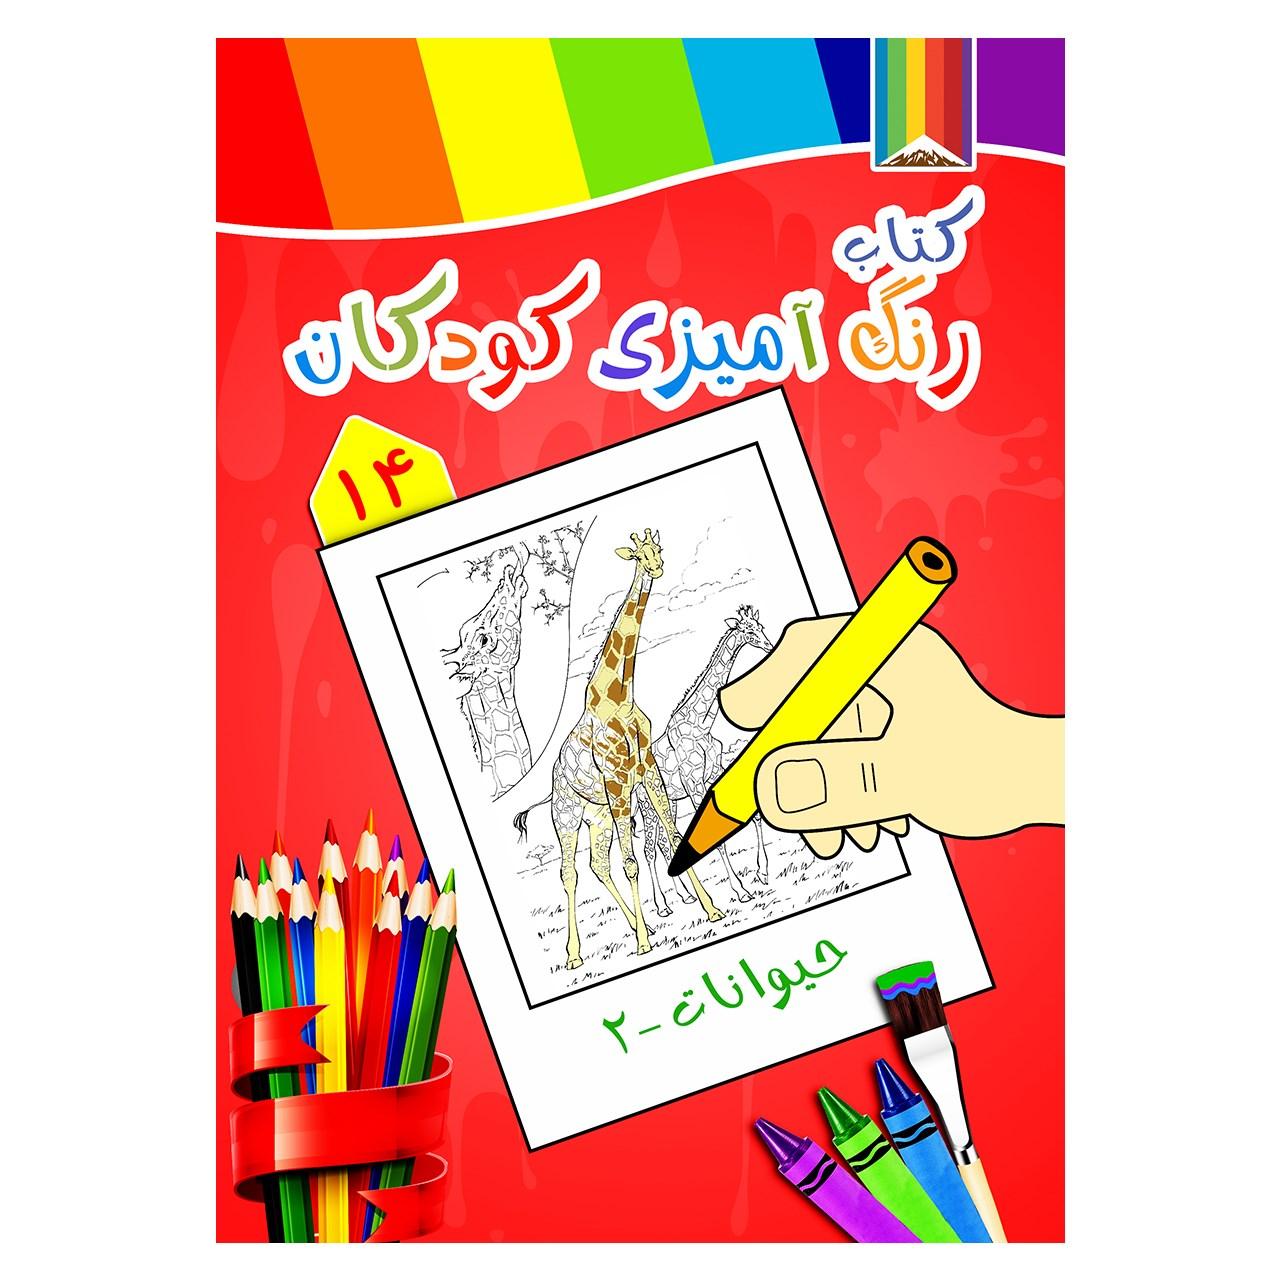 کتاب رنگ آمیزی کودکان شماره 14